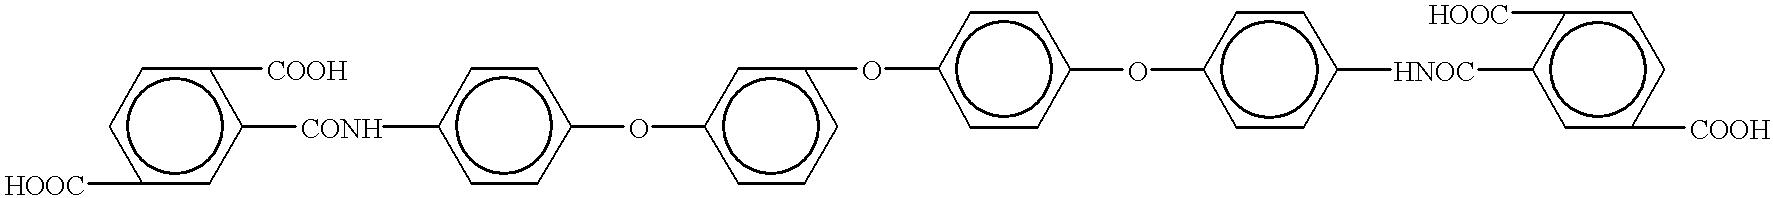 Figure US06180560-20010130-C00765